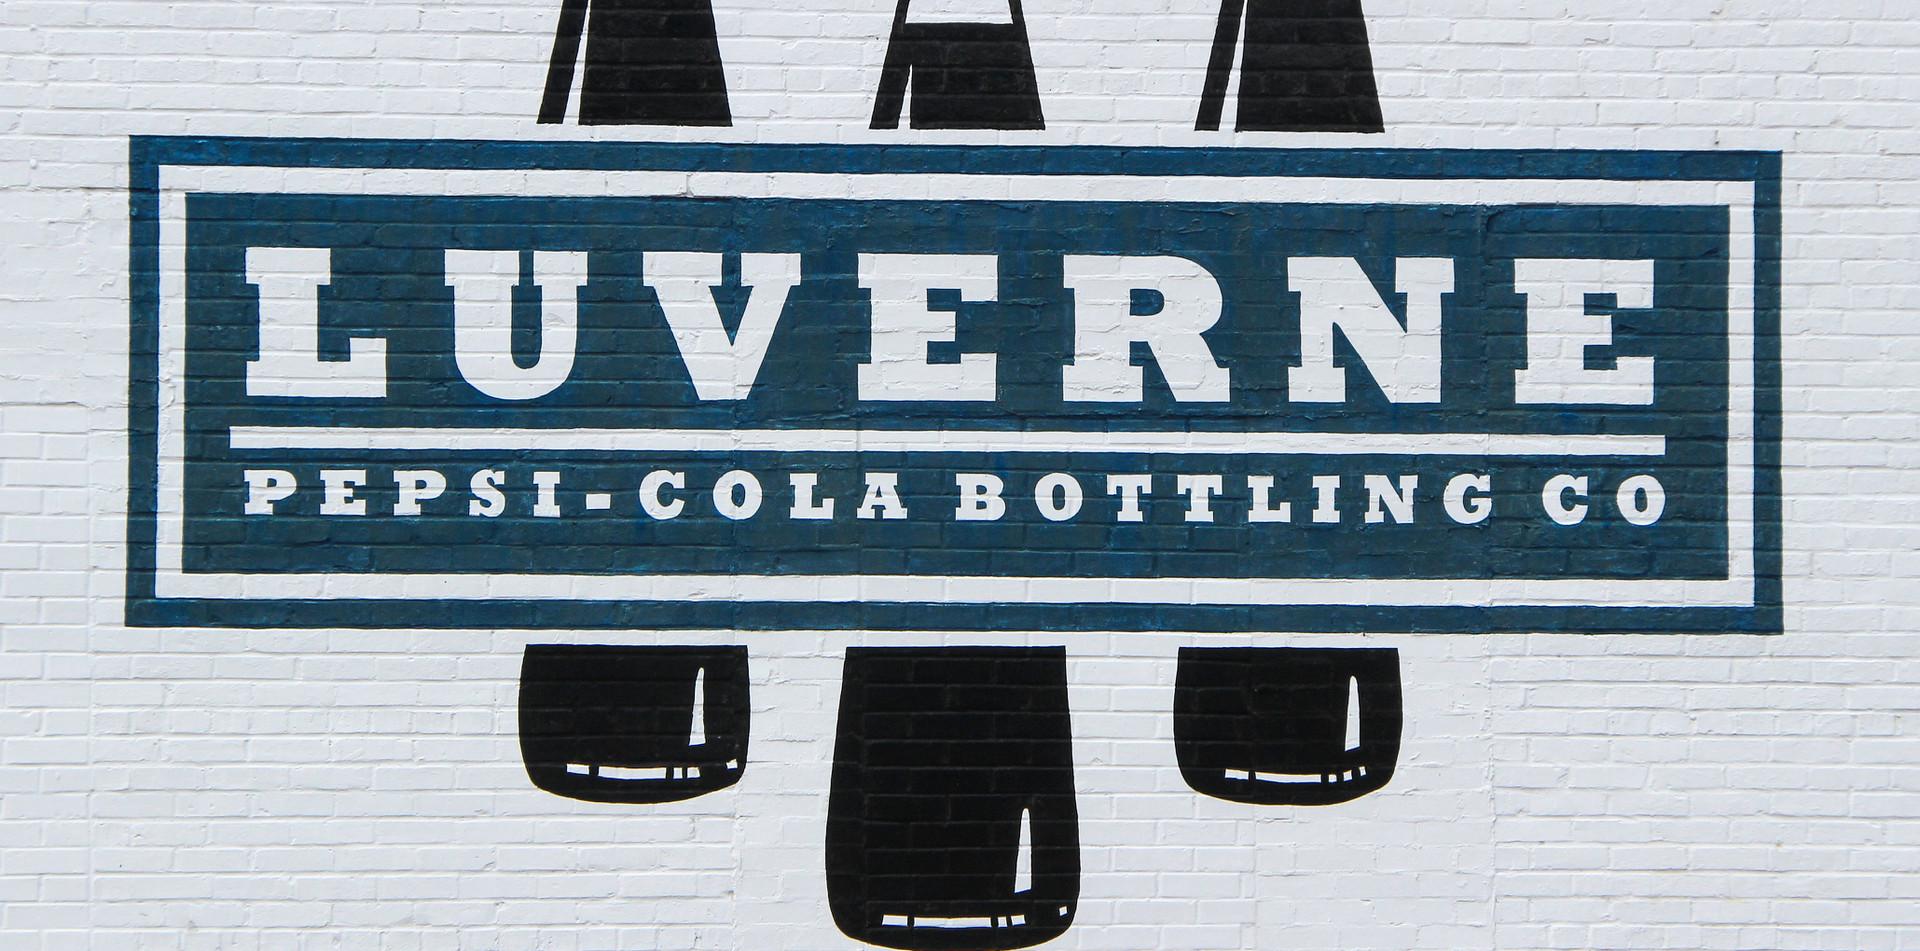 Painted Advertising Mural